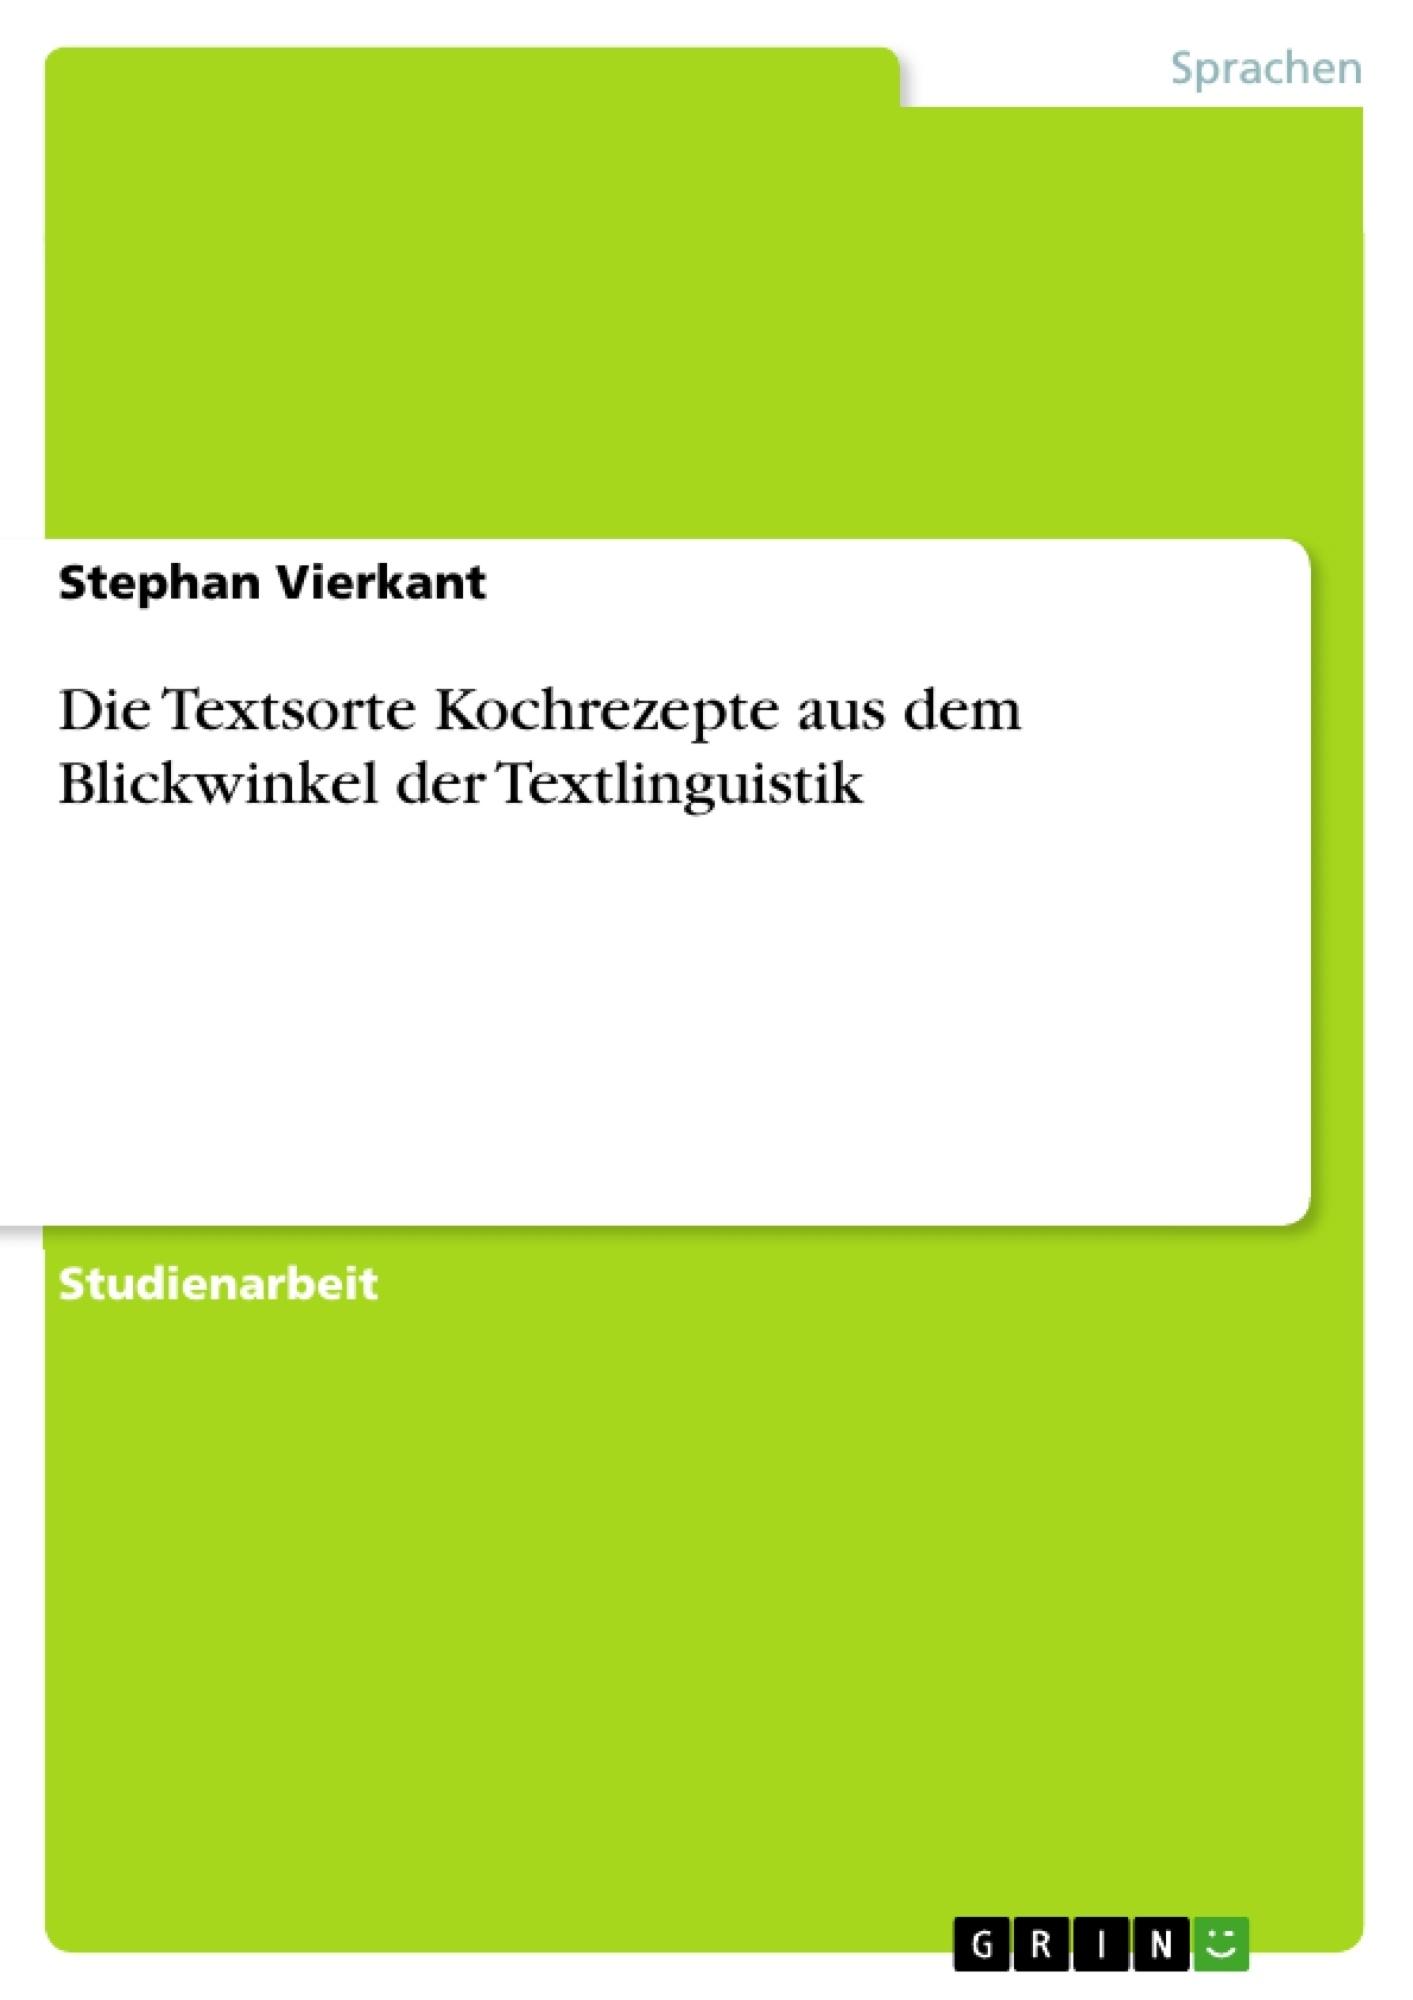 Titel: Die Textsorte Kochrezepte aus dem Blickwinkel der Textlinguistik